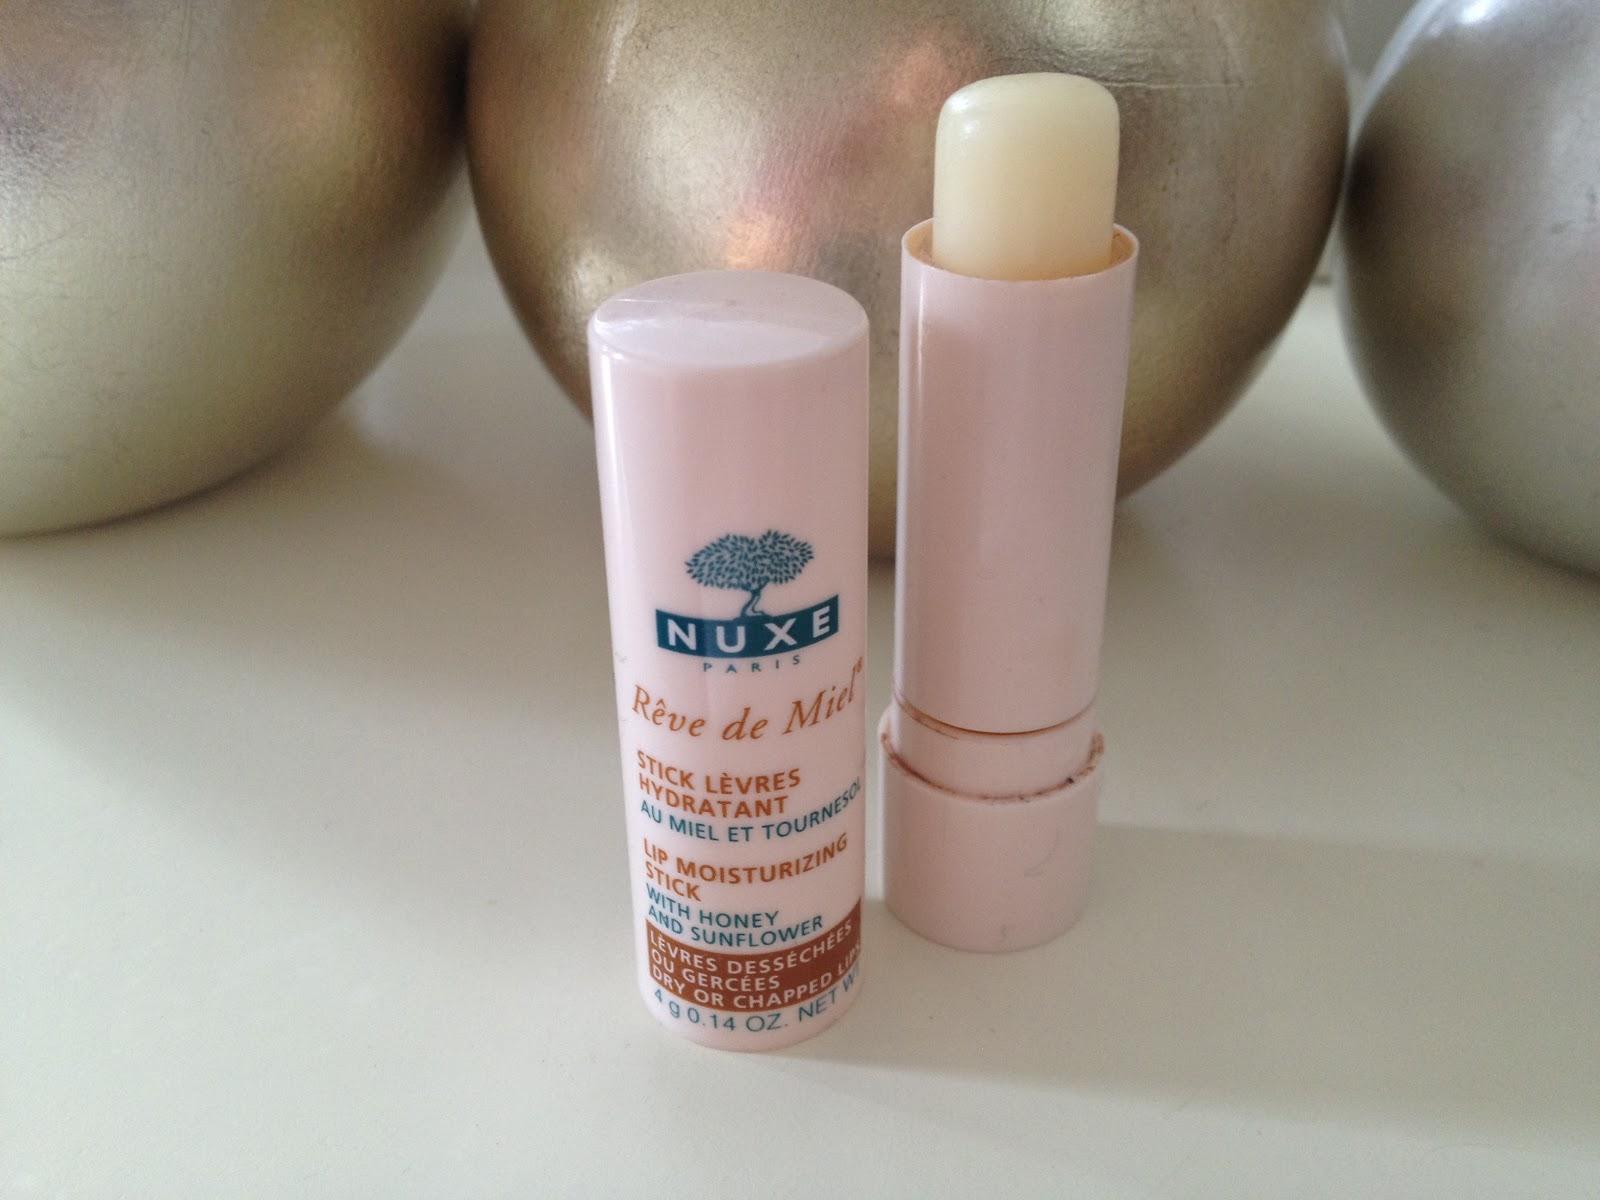 Derniers cosmétiques achetés ? - Page 4 Nuxe+lip+moisturising+stick+honey+sunflower